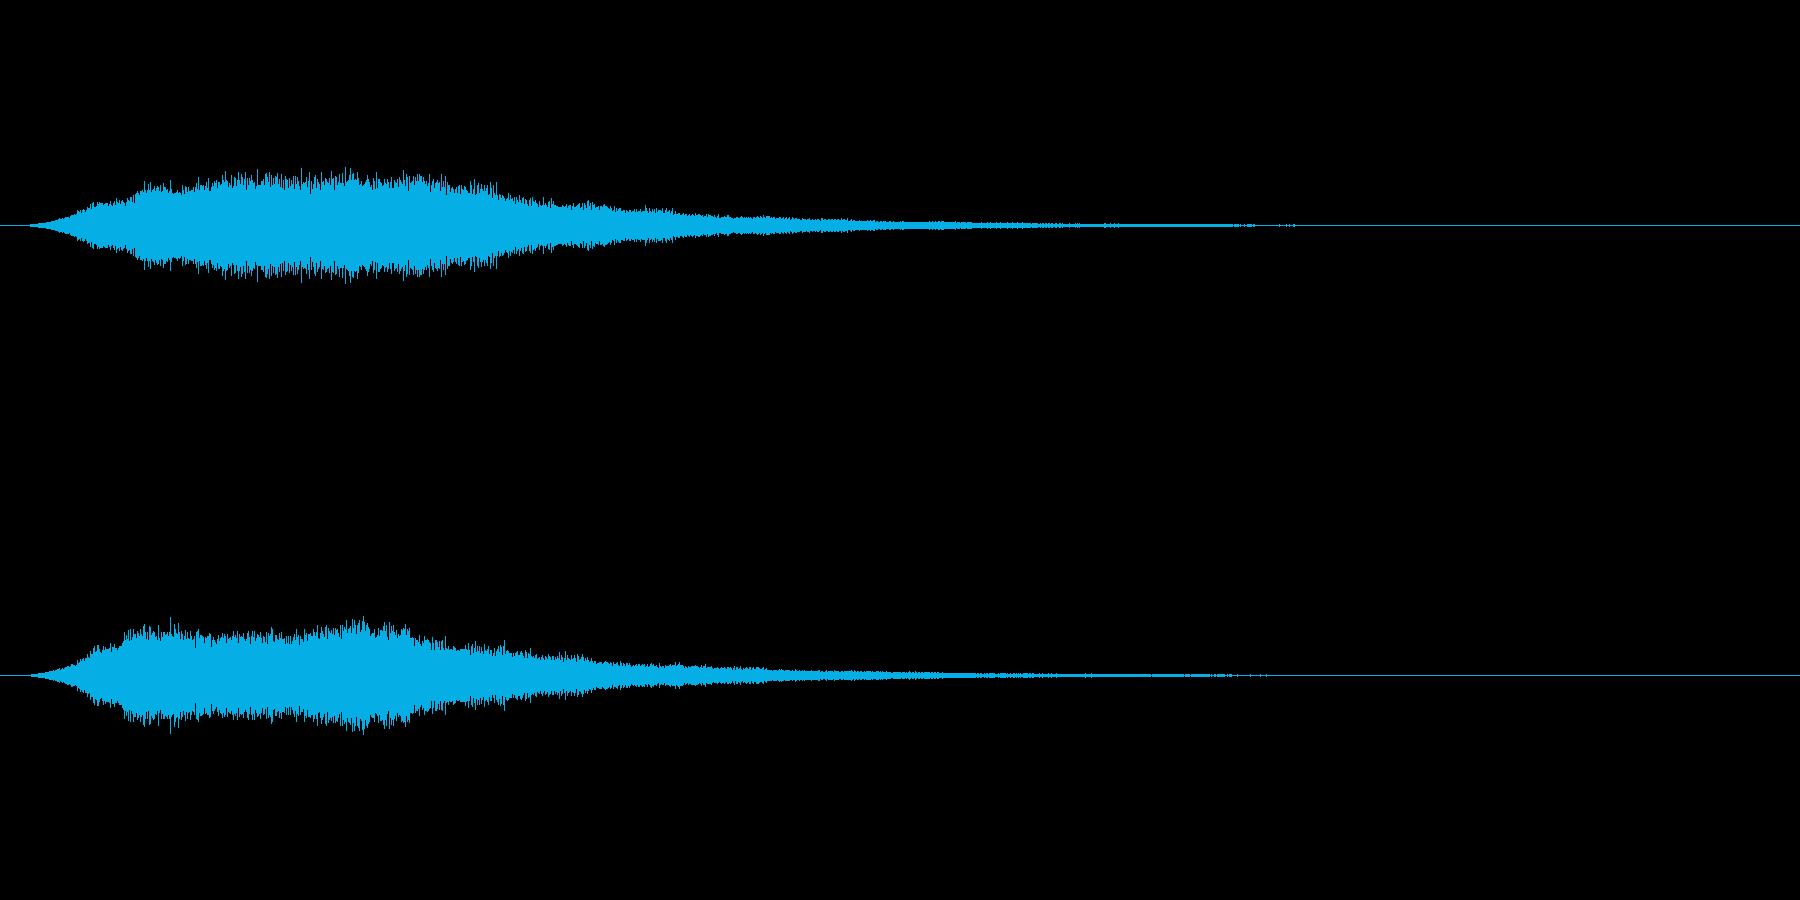 【サイバー08-4】の再生済みの波形